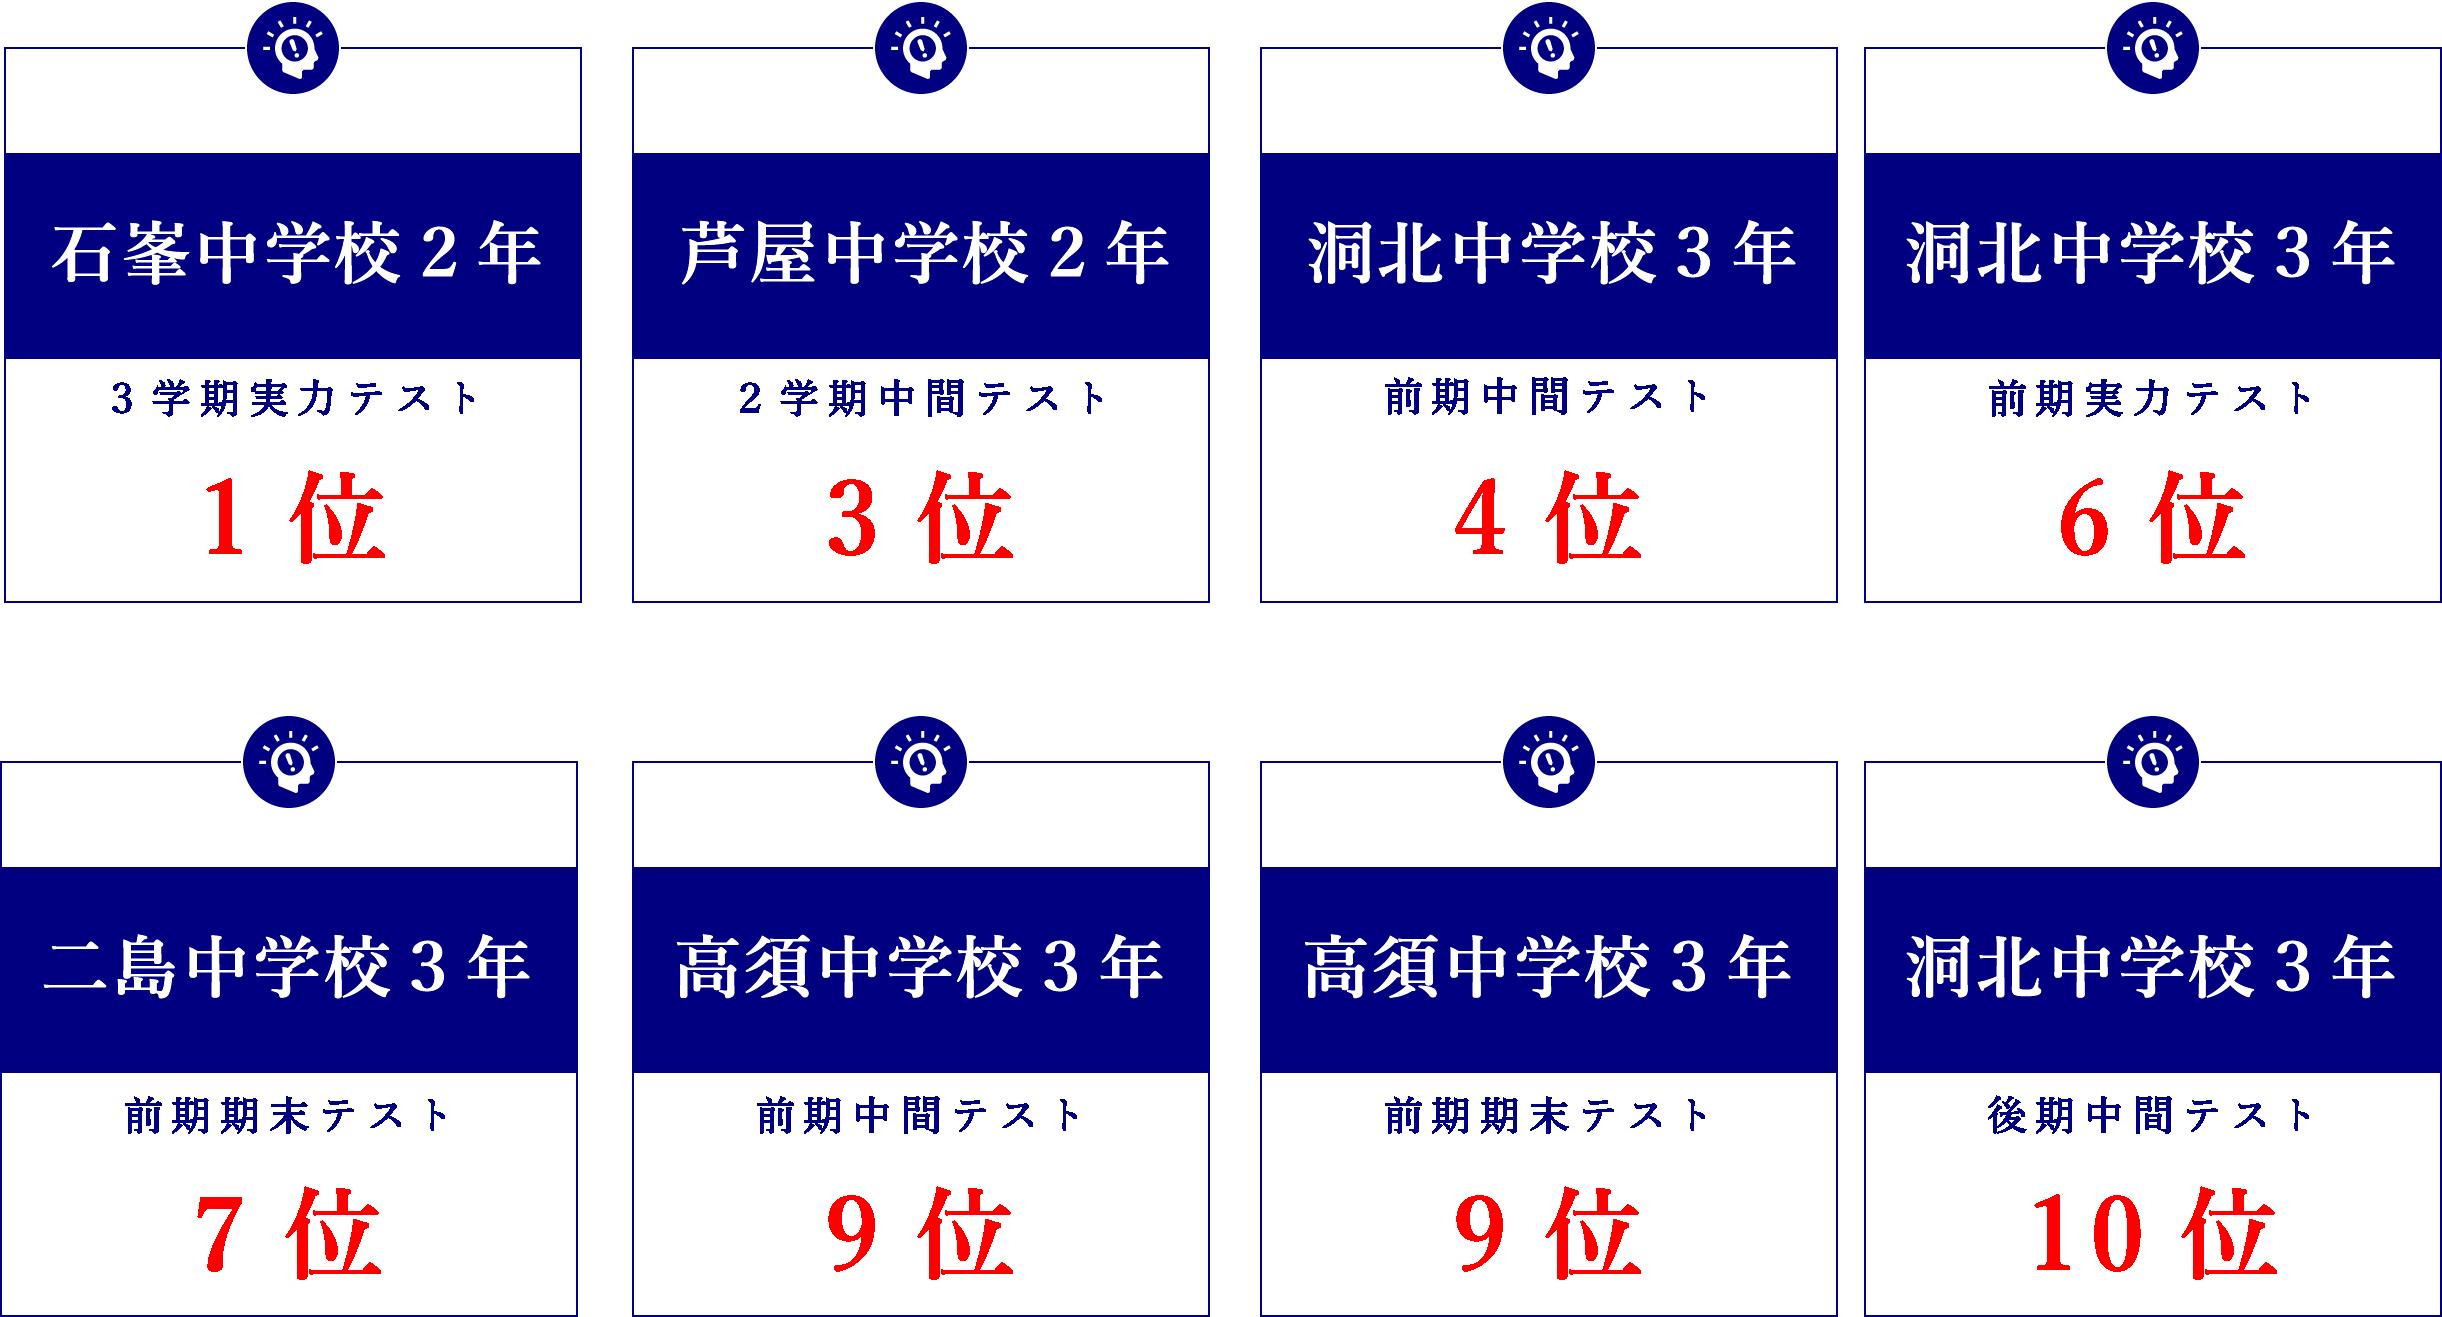 高須校実績表